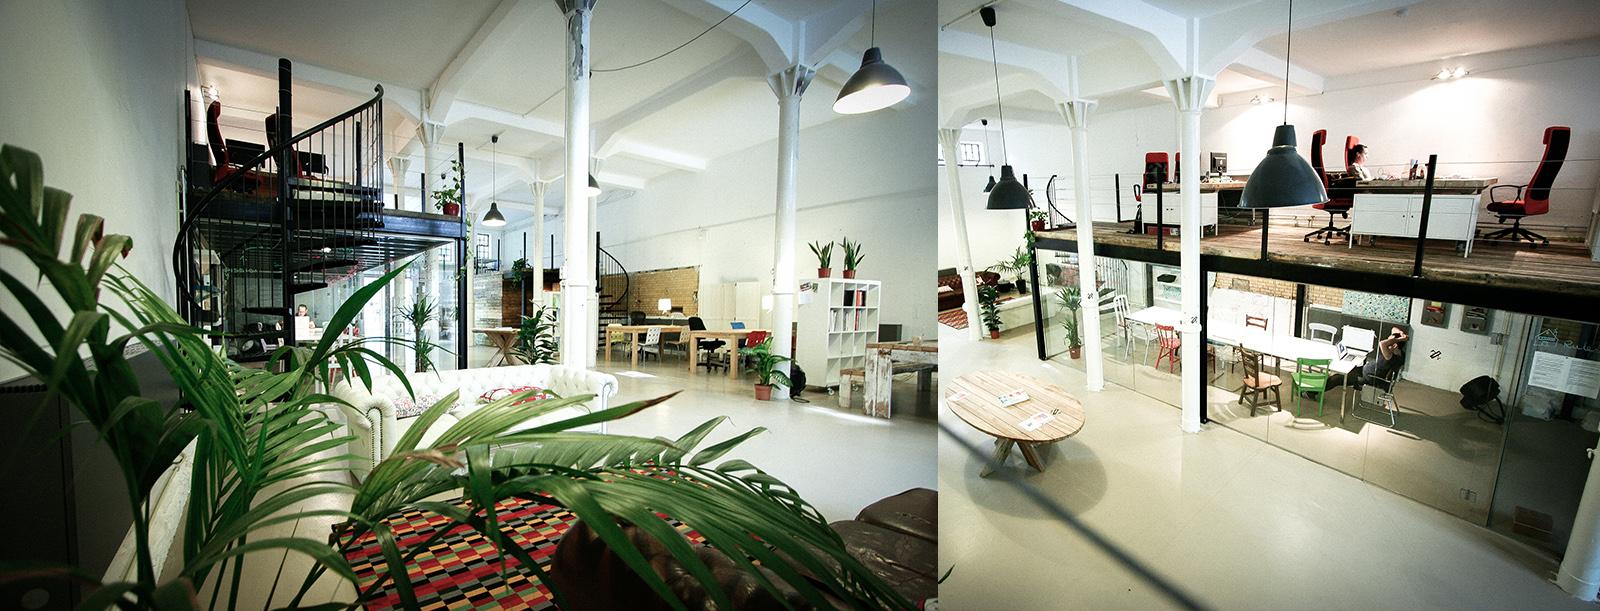 Afbeeldingsresultaat voor the thinking hut amsterdam